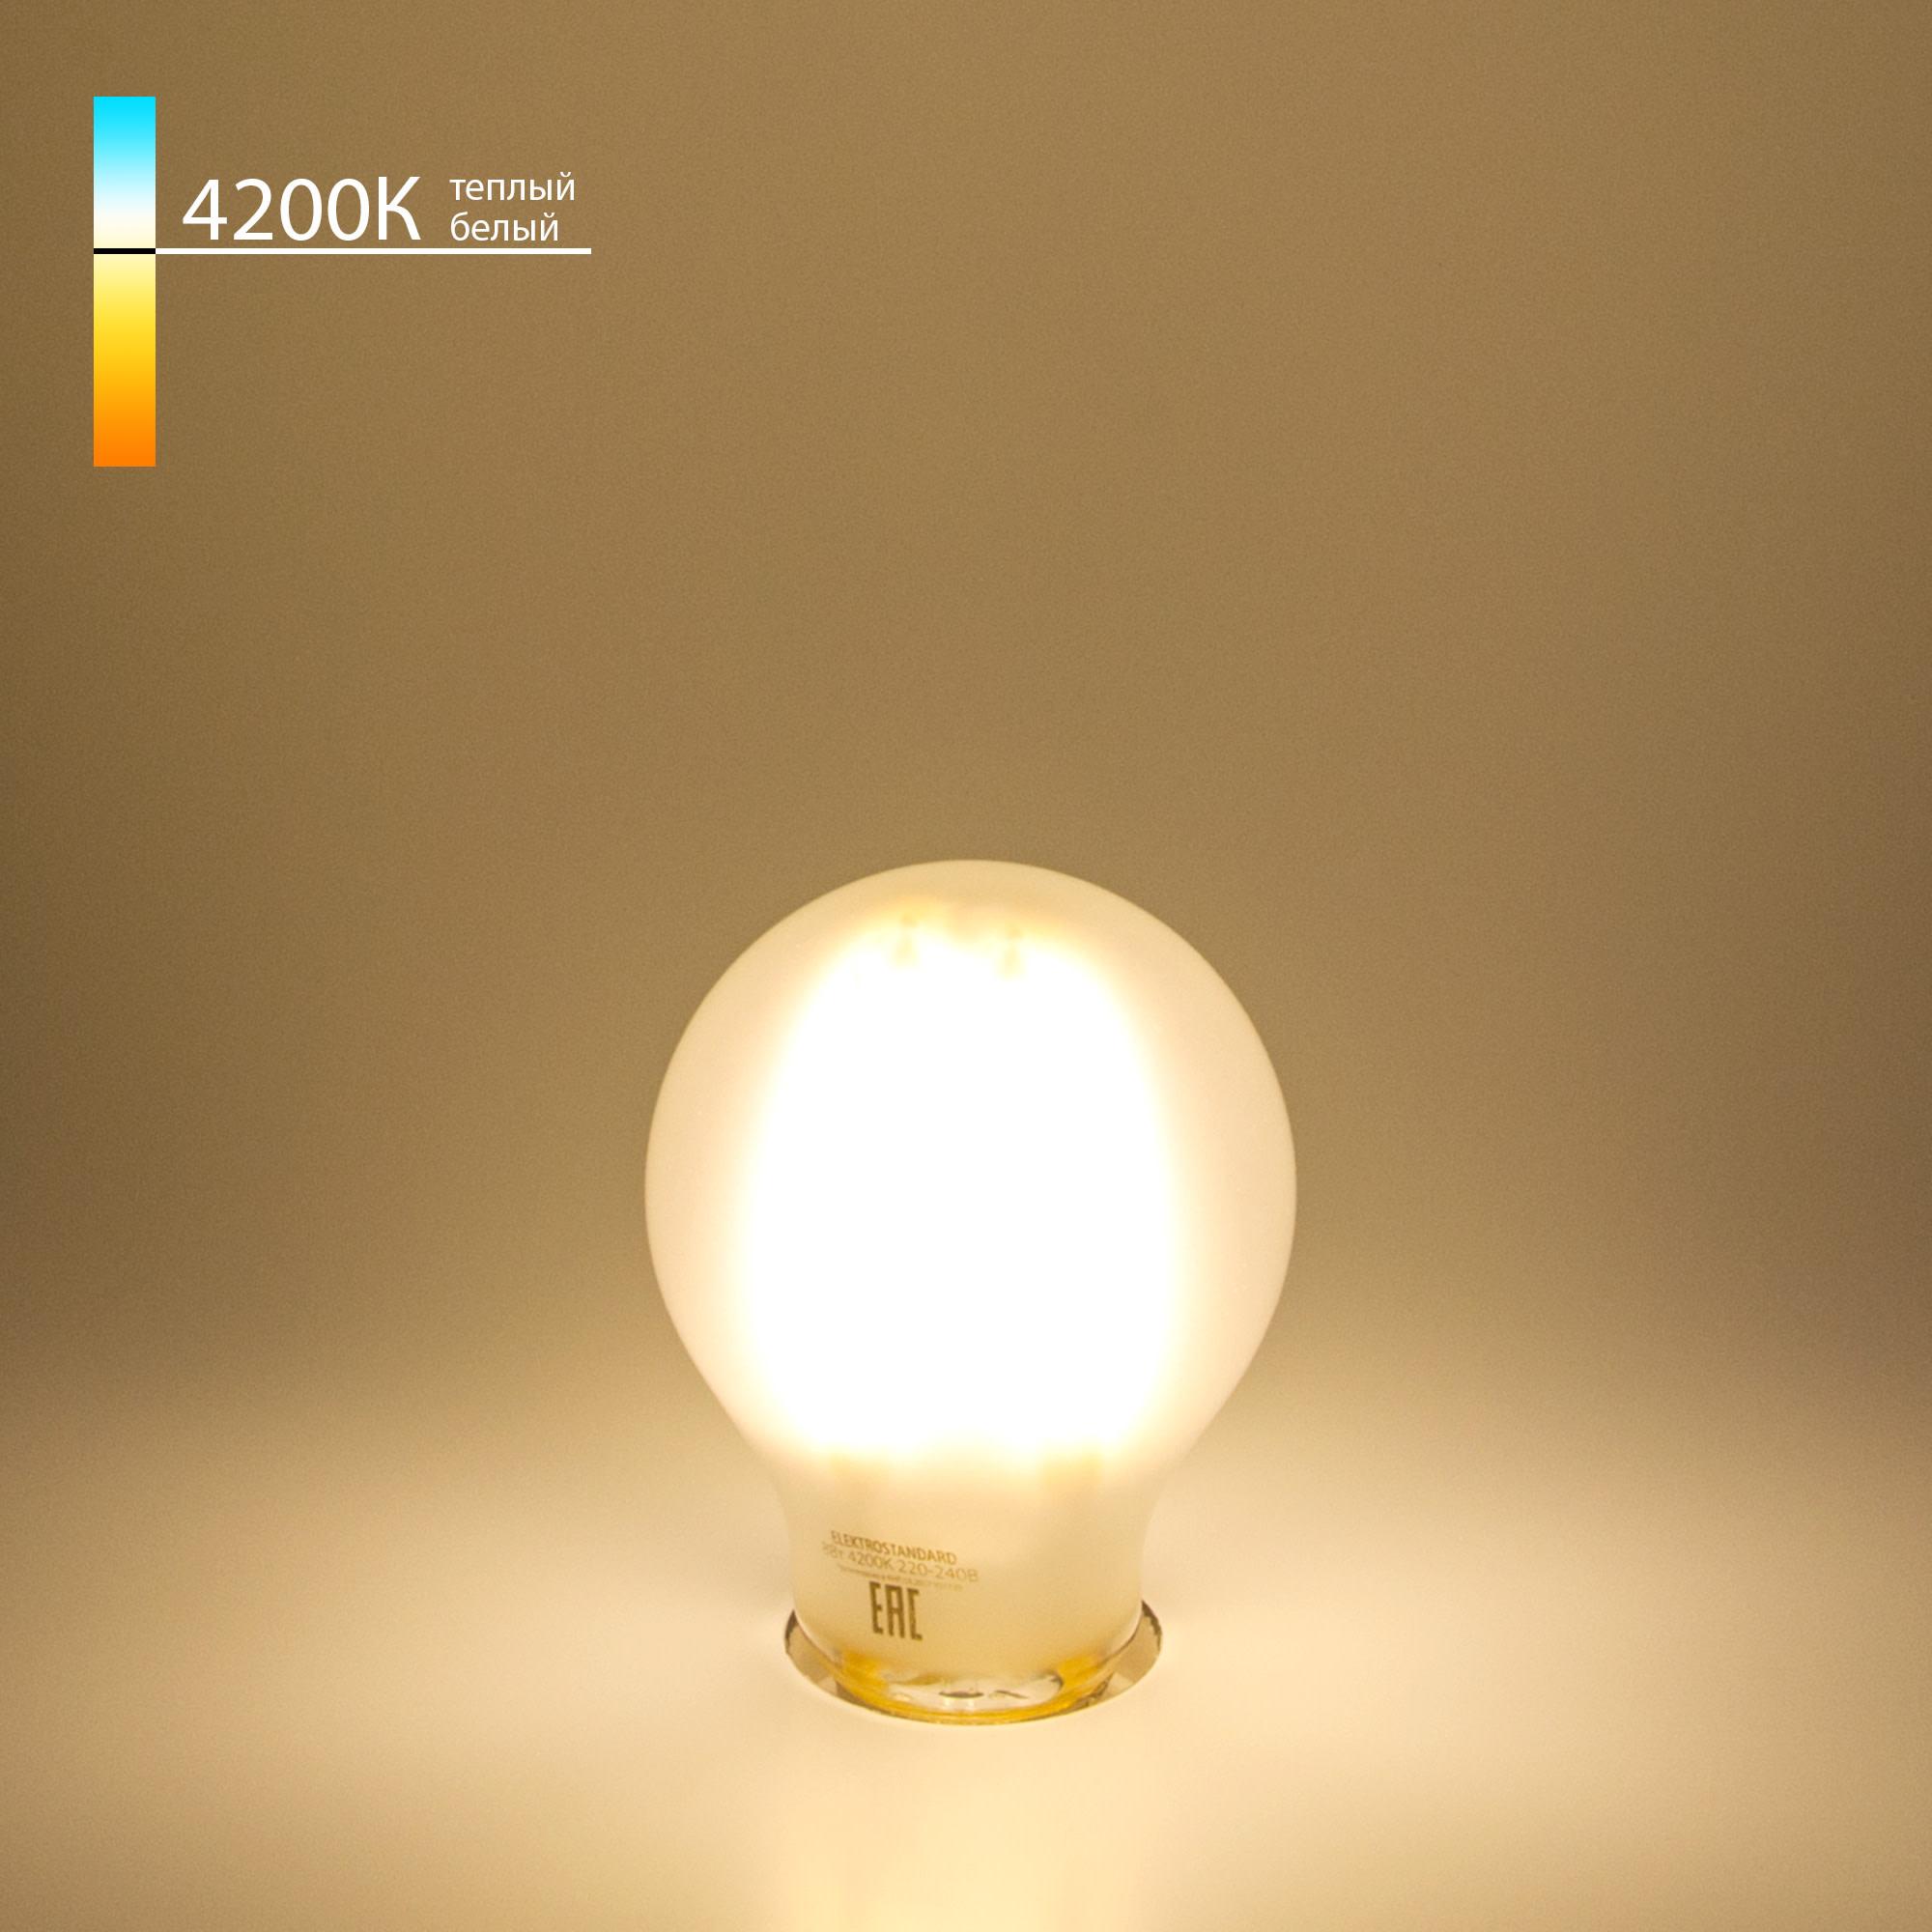 Лампа Electrostandard Classic F светодионая E27 8 Вт шар 1000 Лм нейтральный свет